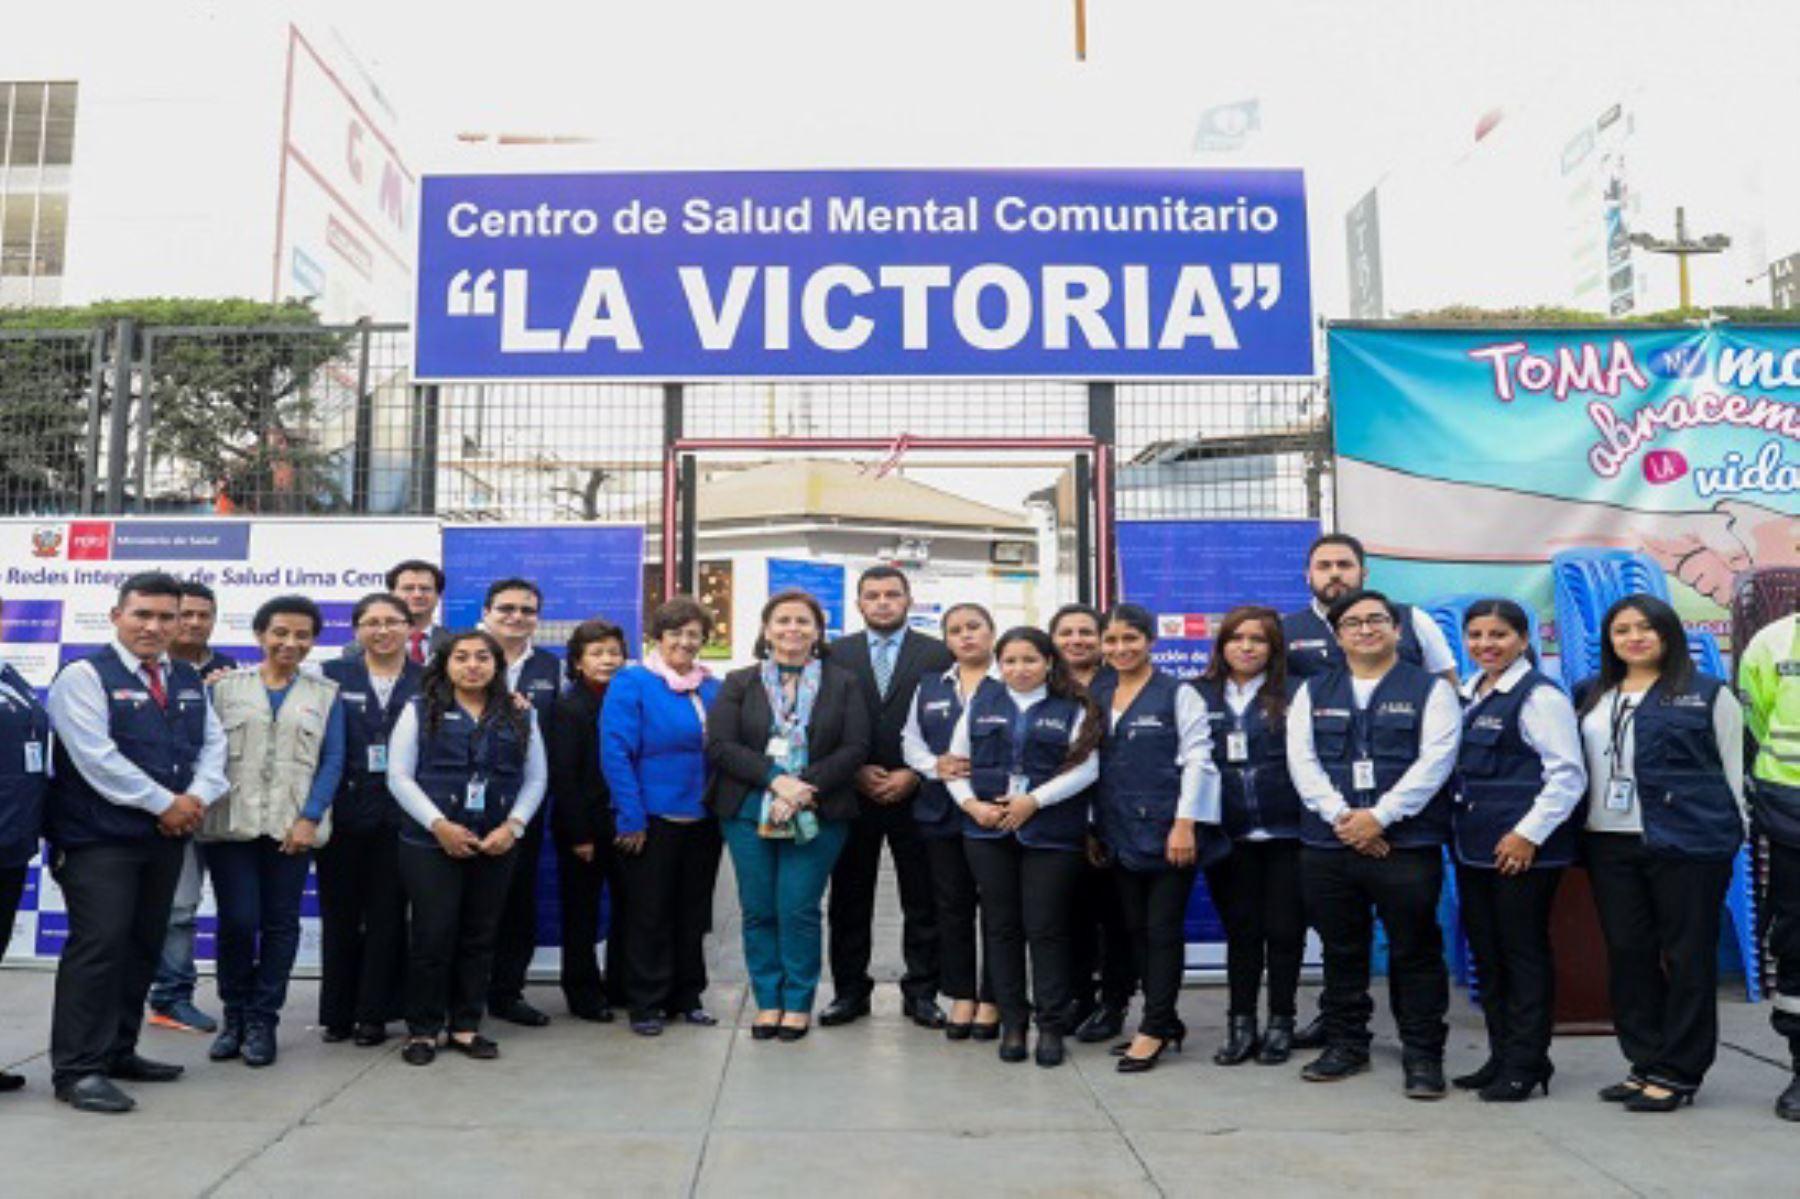 Está ubicado cerca al emporio comercial de Gamarra, que brindará atención especializada a 177 mil personas.